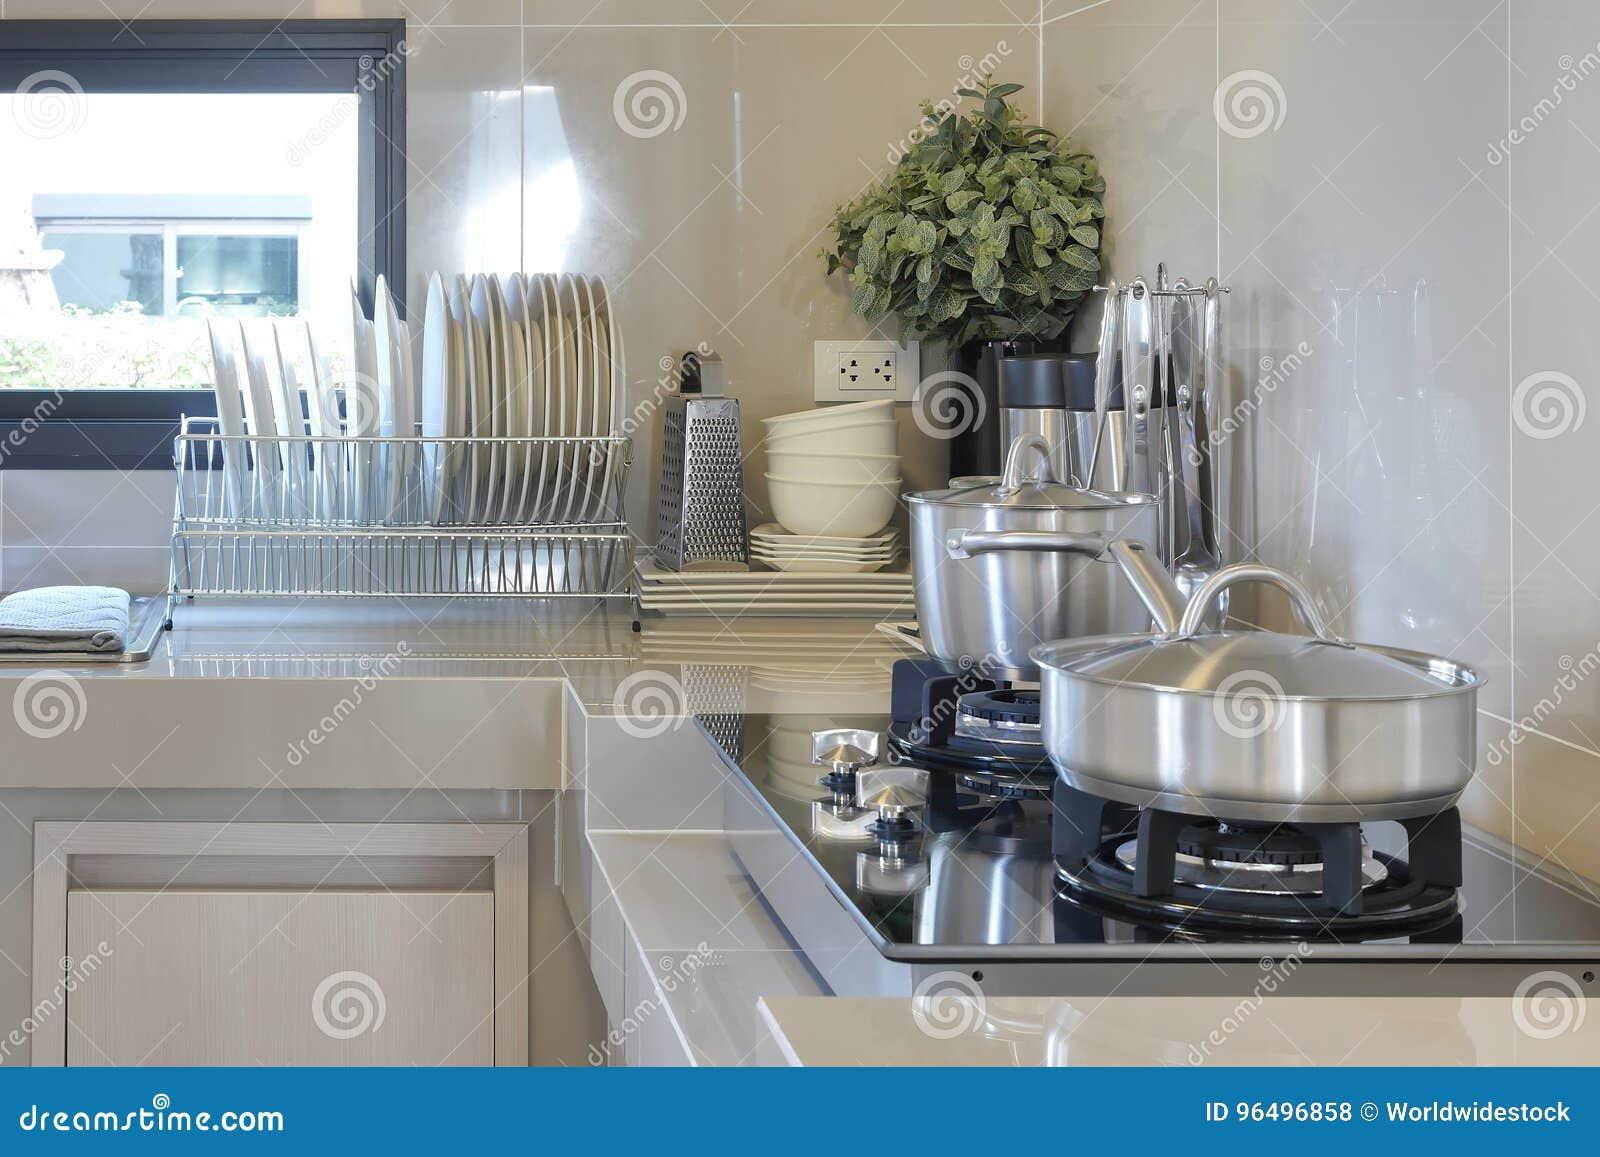 Rostfreie Wanne Auf Gasherd Mit Gerät In Der Modernen Küche ...